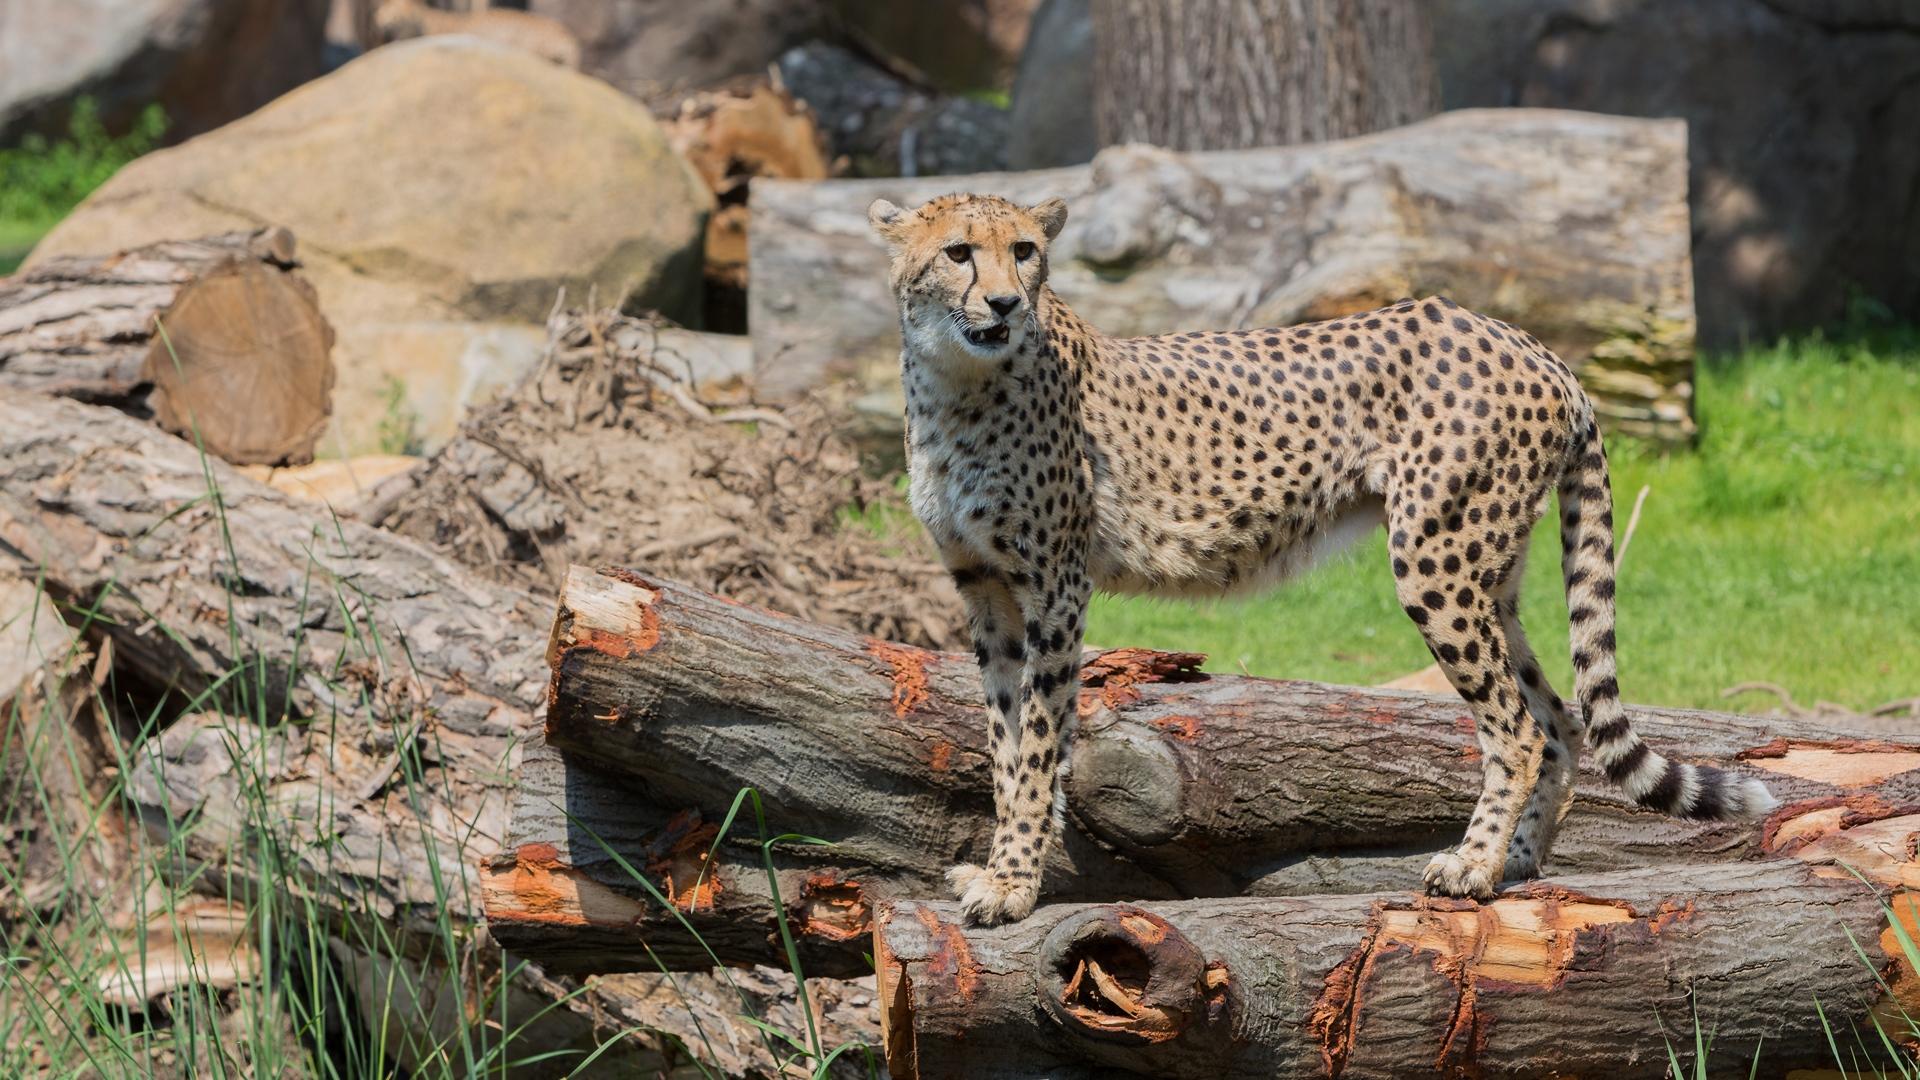 Leopard posiert und beobachtet seine Beute im Zoo